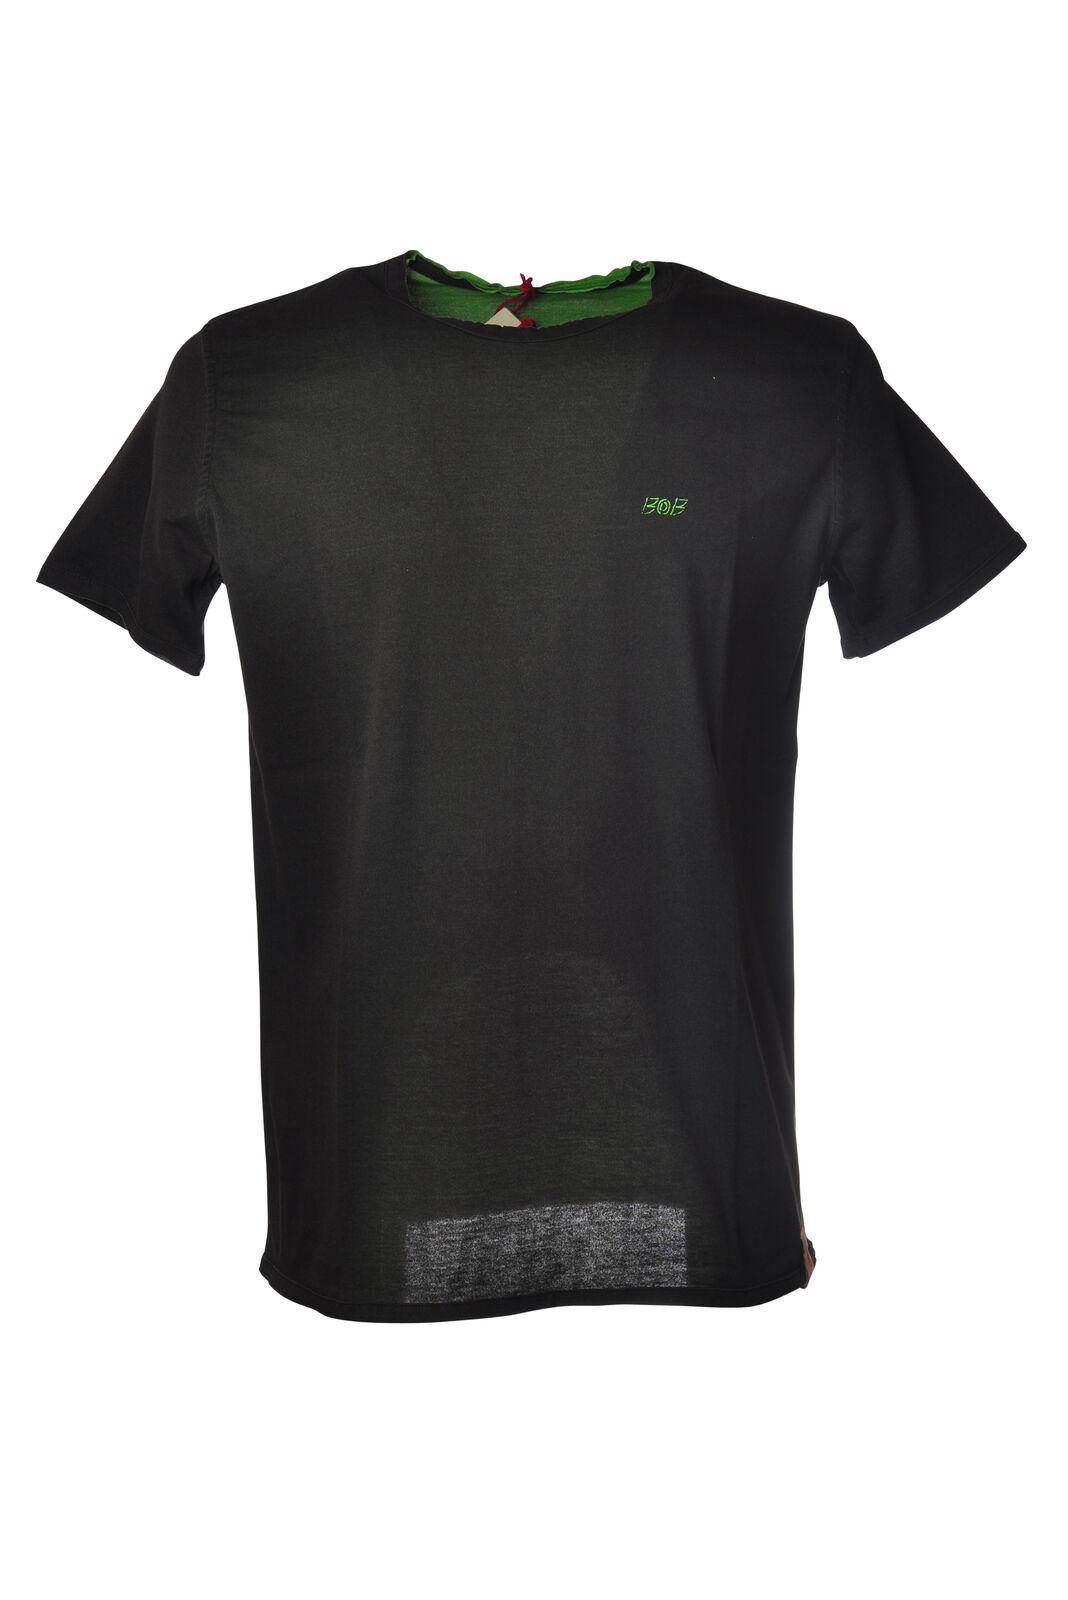 Bob - Topwear-T-shirts - Mann - grey - 5268325E184309